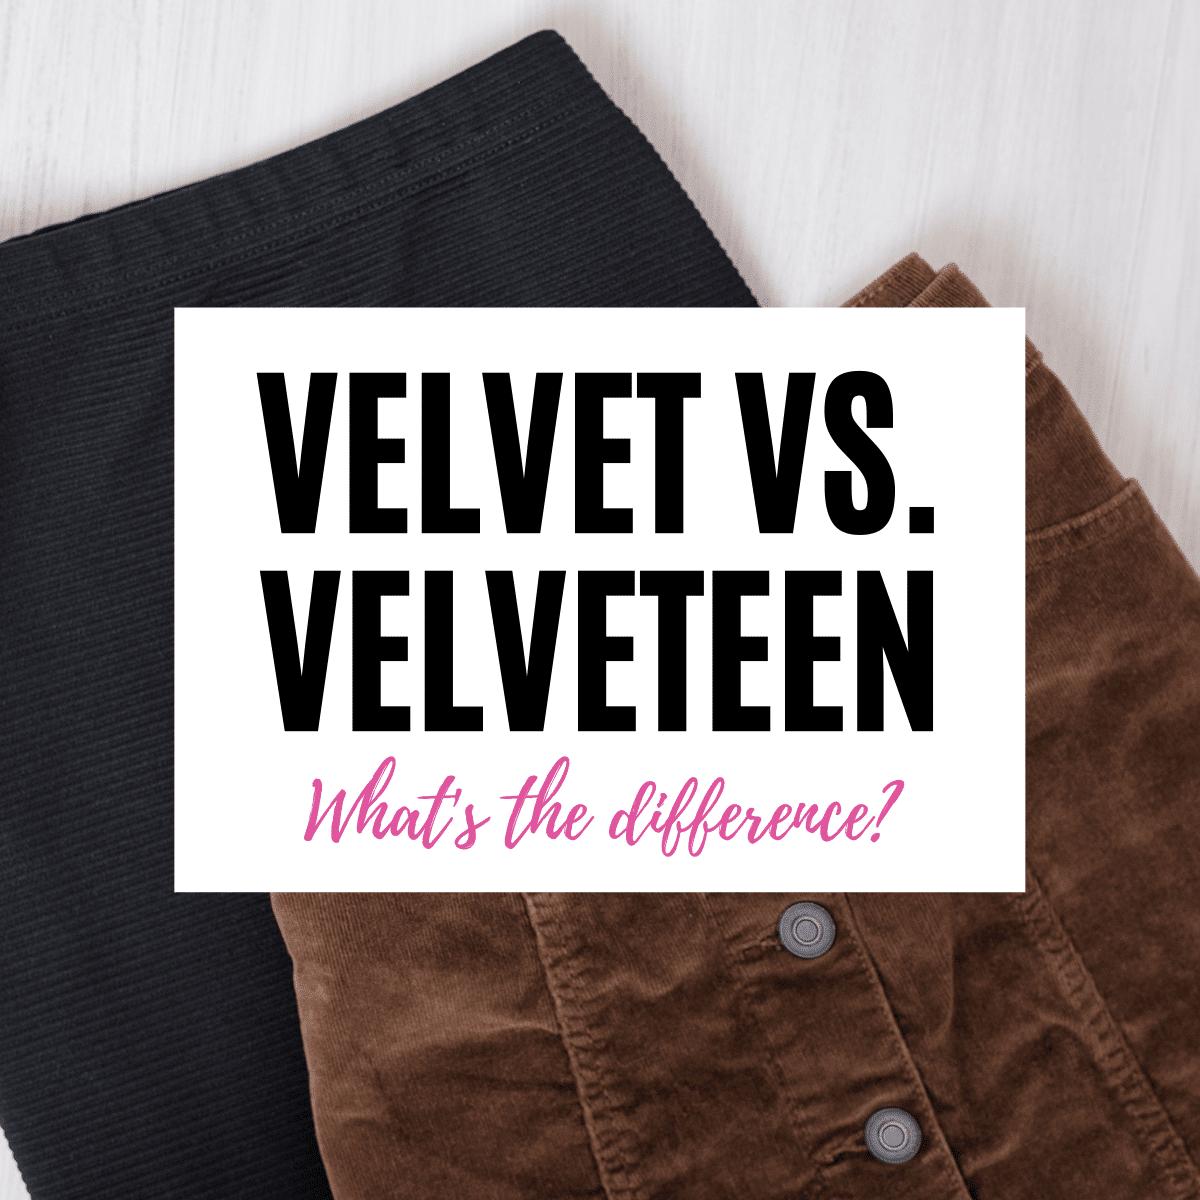 Velvet vs. Velveteen: What's the Difference? (6 Things!)